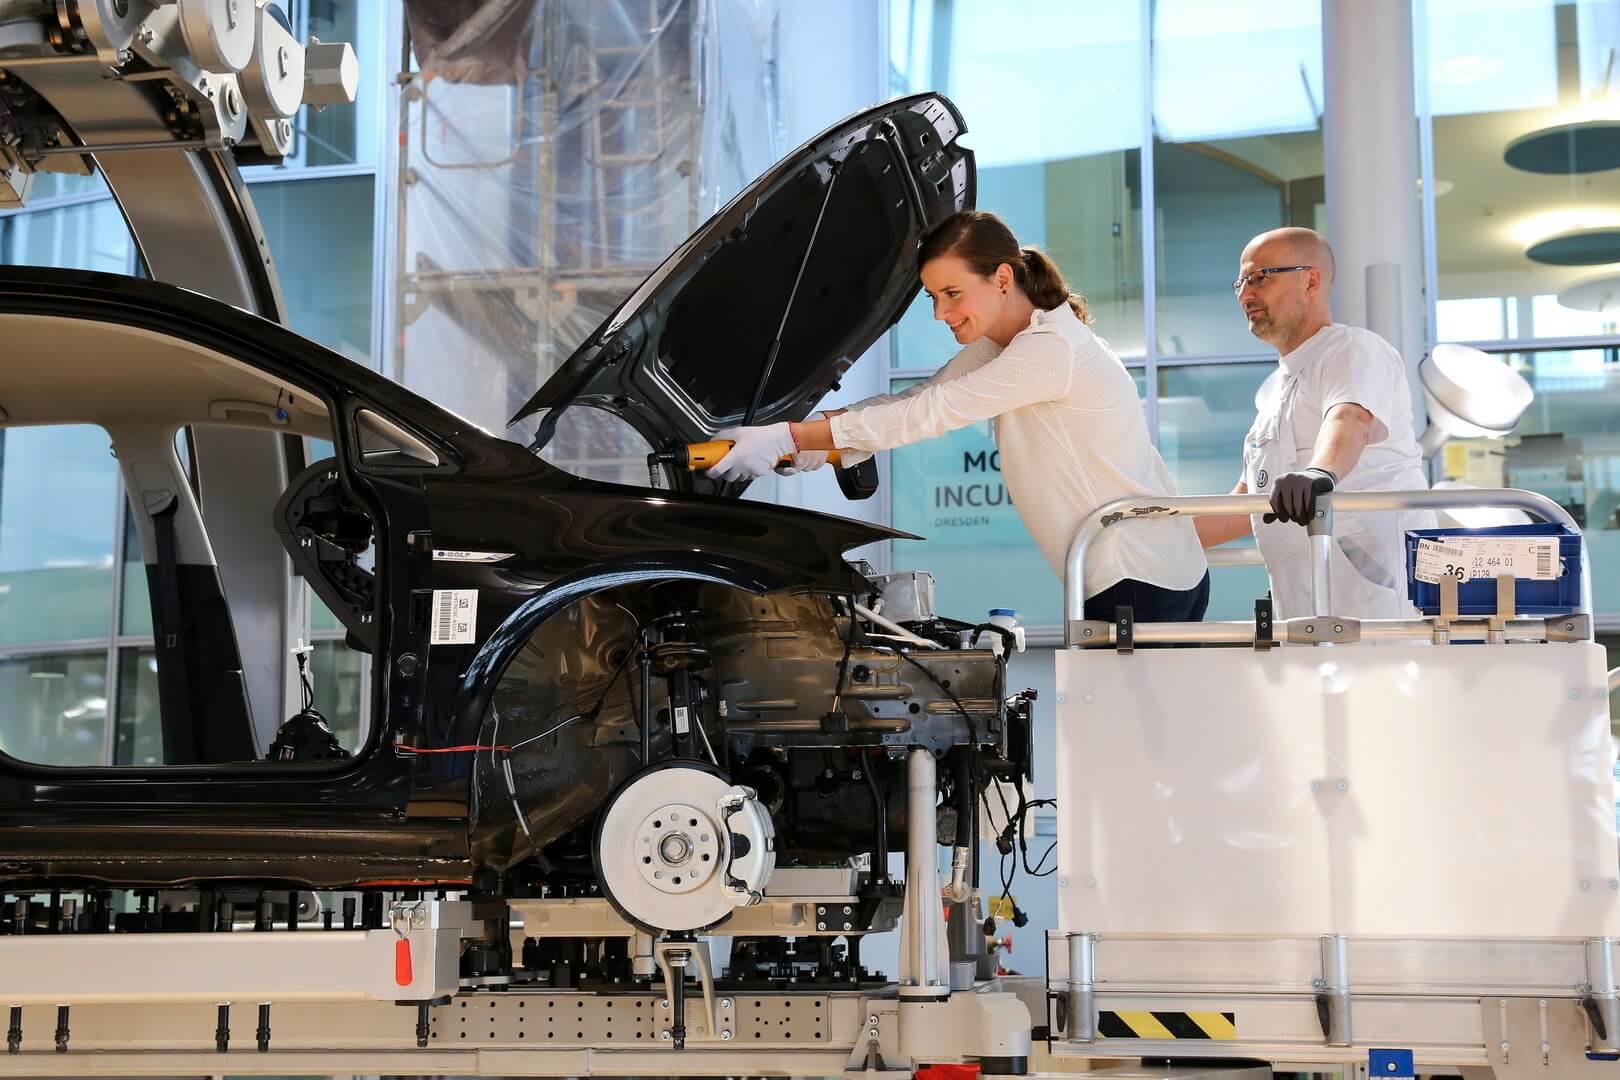 Volkswagen позволит клиентам участвовать впроцессе сборки купленного ими электромобиля e-Golf назаводе вДрездене